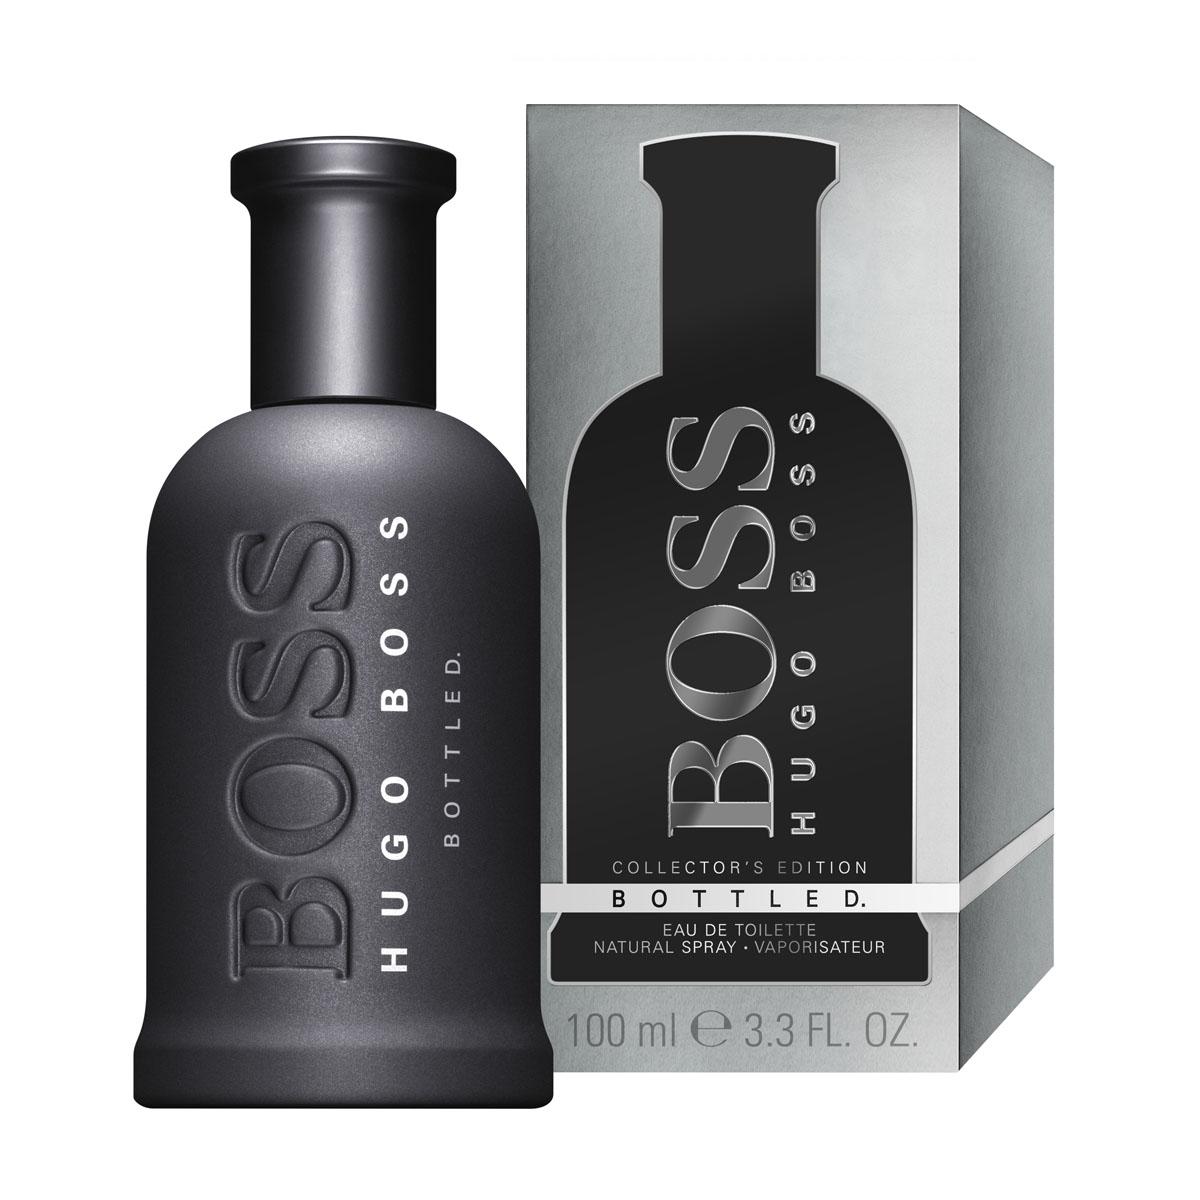 Hugo Boss Bottled Collectors Edition Туалетная вода 50 мл0737052806235Boss Bottled - бесспорно, один из самых успешных мужских ароматов. С тех пор как Boss Bottled появился на рынке в 1998 году, он входит в 10-ку бестселлеров. Культовый флакон с простыми, лаконичными формами стал классикой. Рельефный логотип и серебристая матовая крышечка довершают дизайн. Стильный, элеганттный, сдержанный - узнаваемый Boss. В композиции звучит красное яблоко, сладковатое, но свежее, и древесные ноты, которые придают аромату глубину и мужественность. Boss Bottled - завершающий элемент ежедневного гардероба успешных и амбициозных мужчин во всем мире. Boss - мужественный, уверенный бренд: Идеальный образ для Достижения успеха. Захватывающий, Смелый, Чувственный, Изысканный, но при этом абсолютно Мужественный аромат.